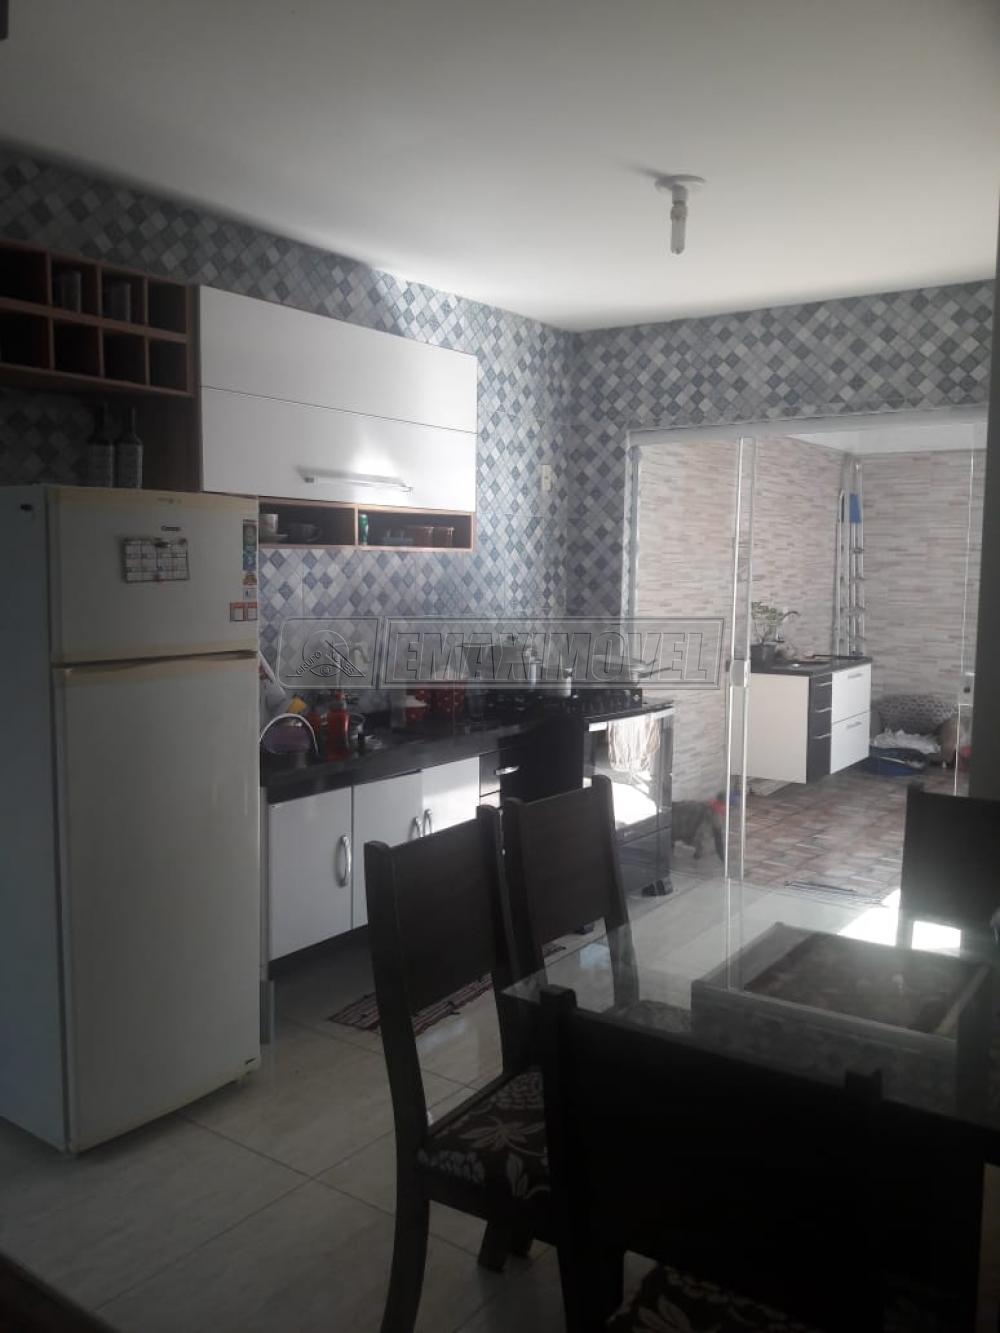 Comprar Casas / em Bairros em Sorocaba apenas R$ 320.000,00 - Foto 23